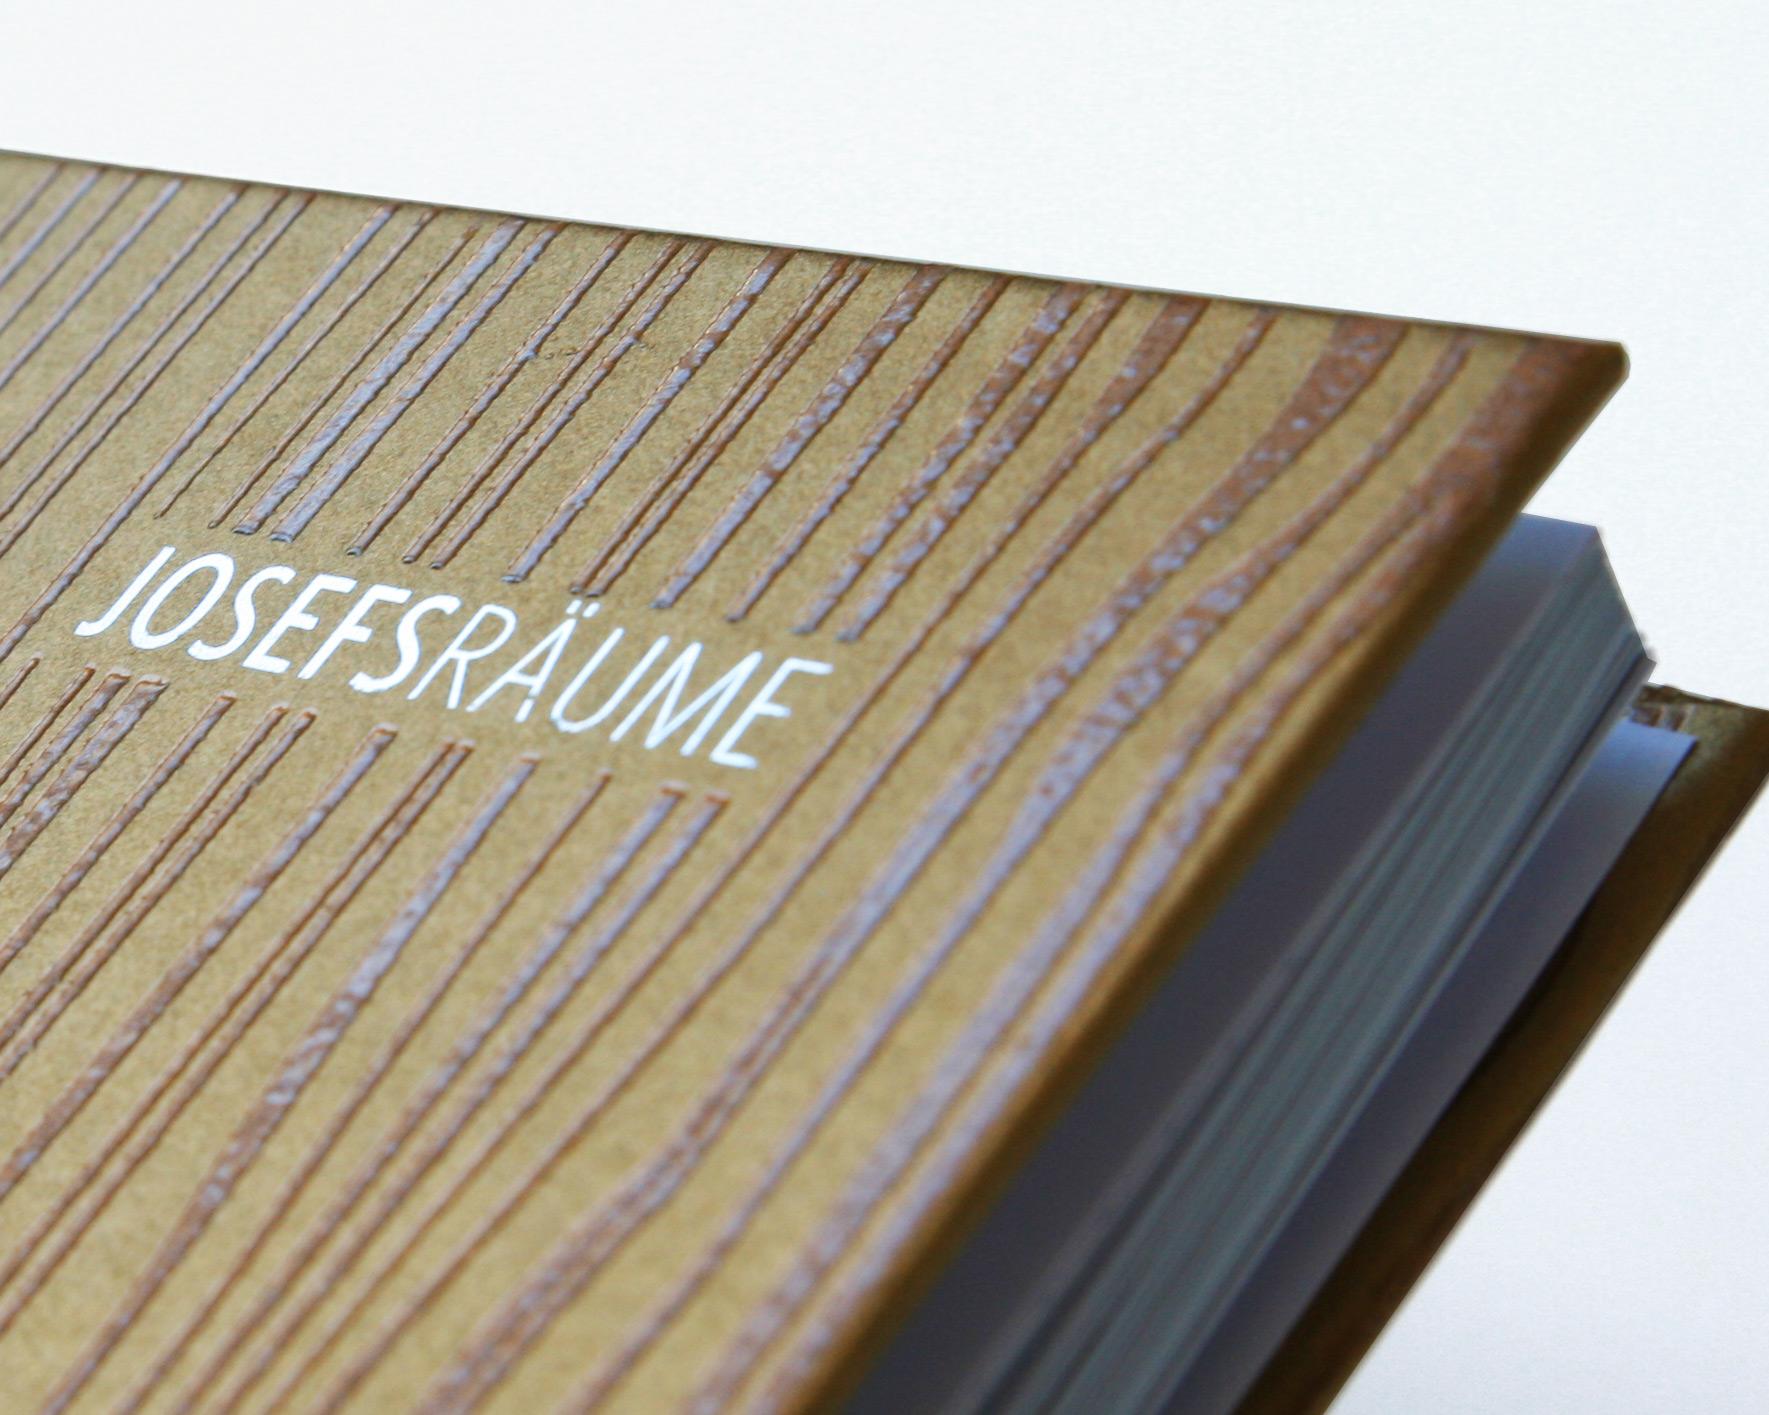 Das Buch zur Dauerausstellung »Josefsräume«